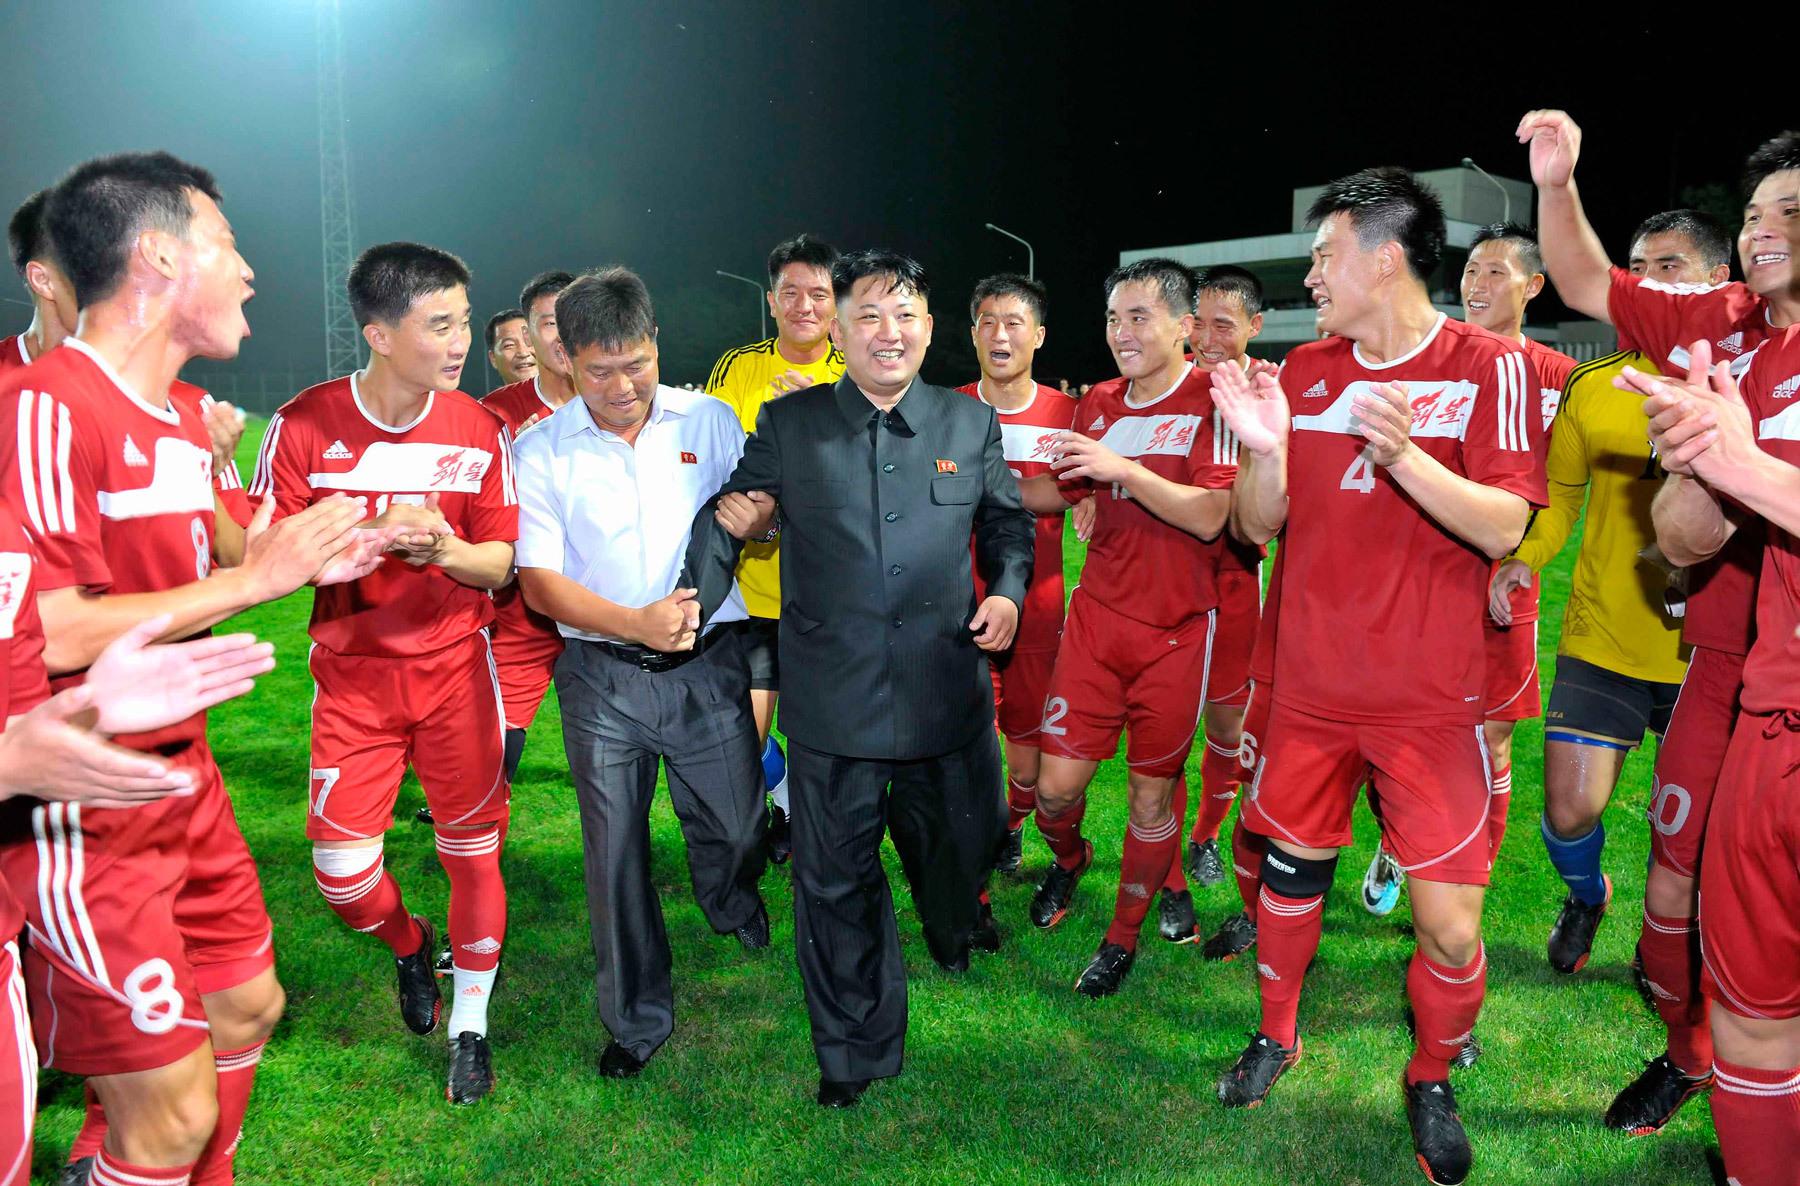 Kim Jung-Un Corea del Norte Manchester United futbol líder de Corea